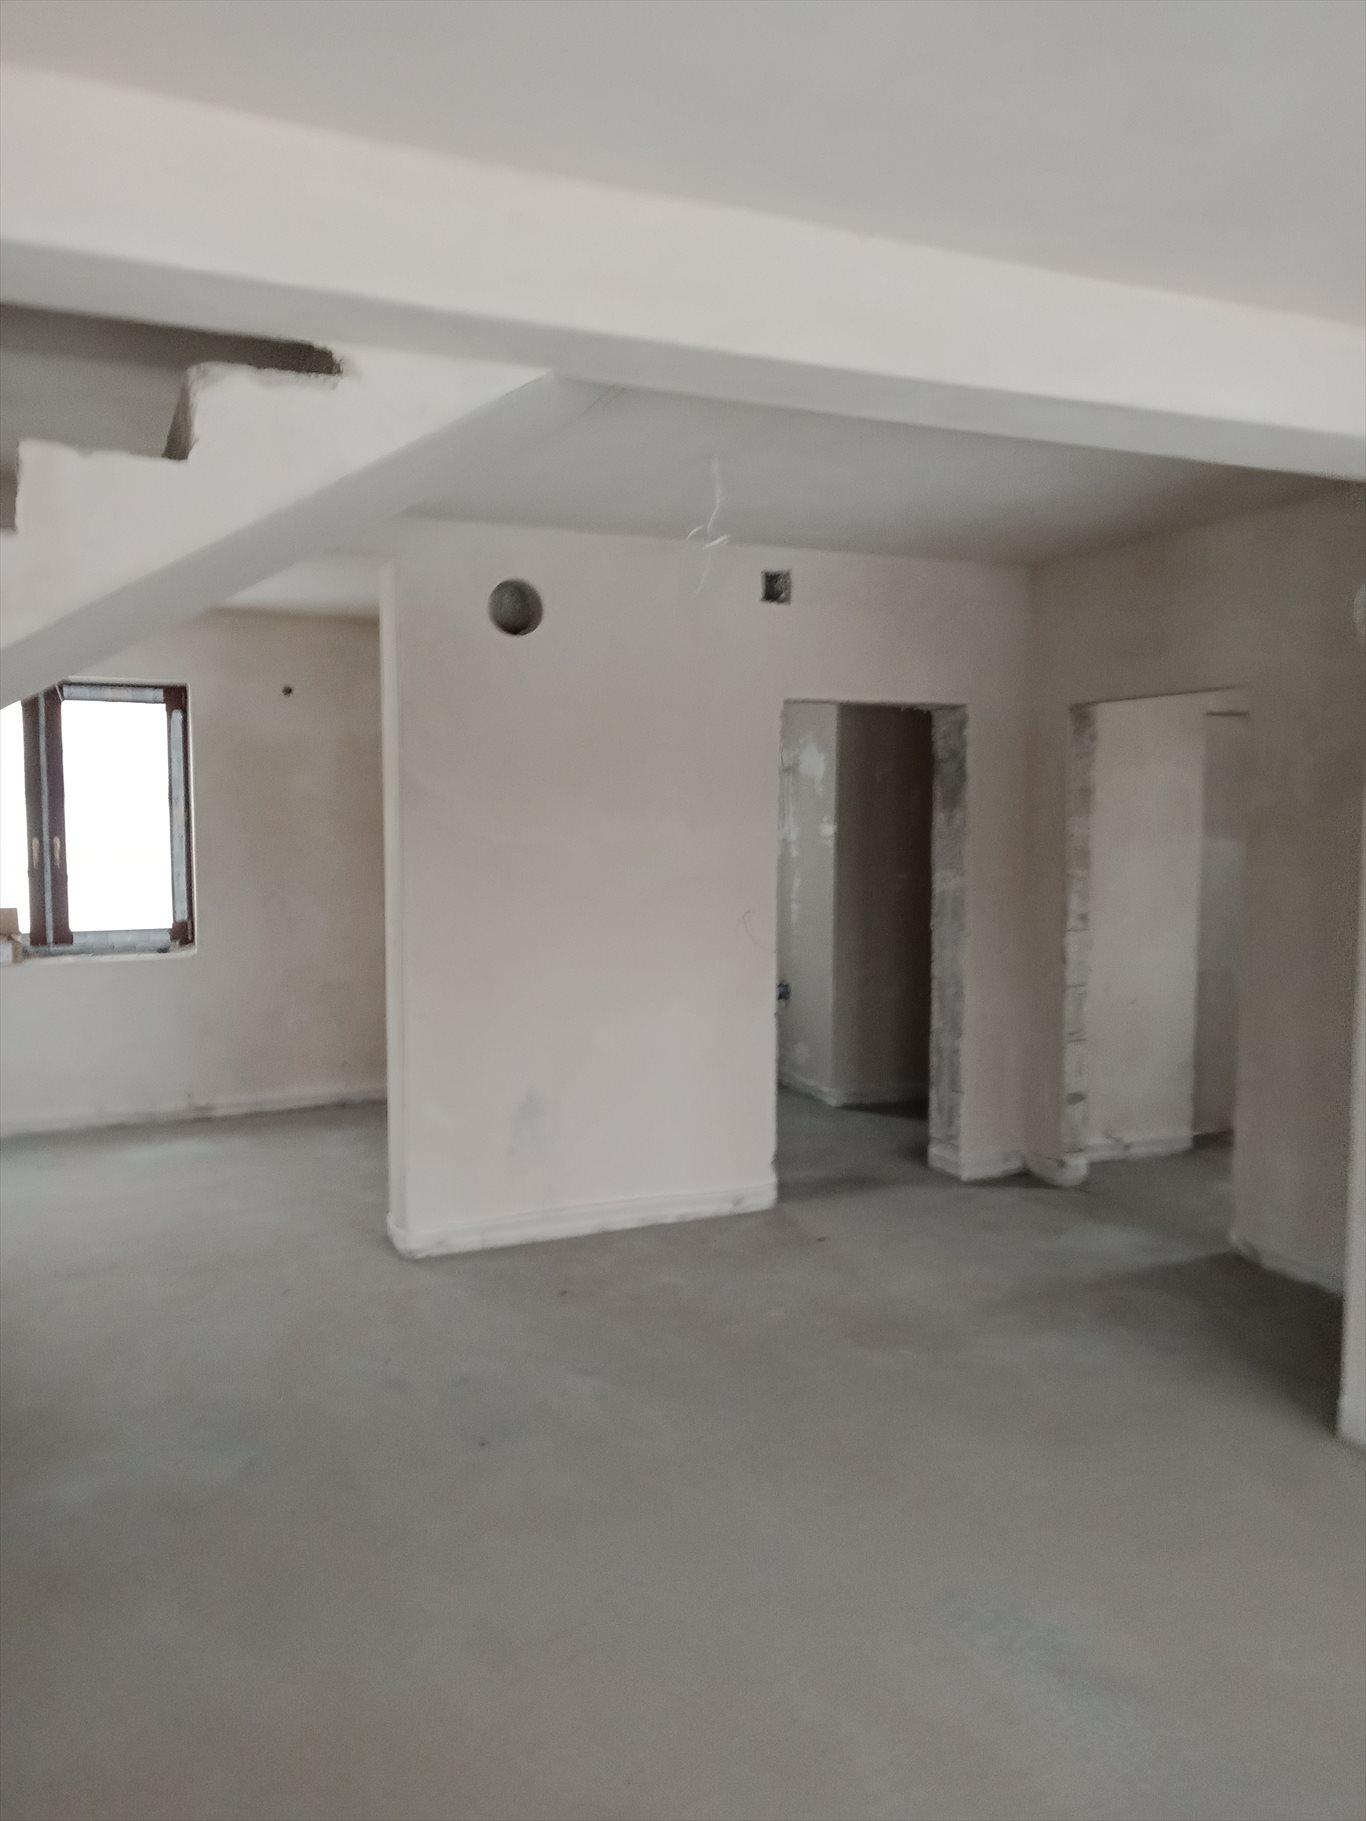 Dom na sprzedaż hornòwek, Hornòwek  180m2 Foto 4